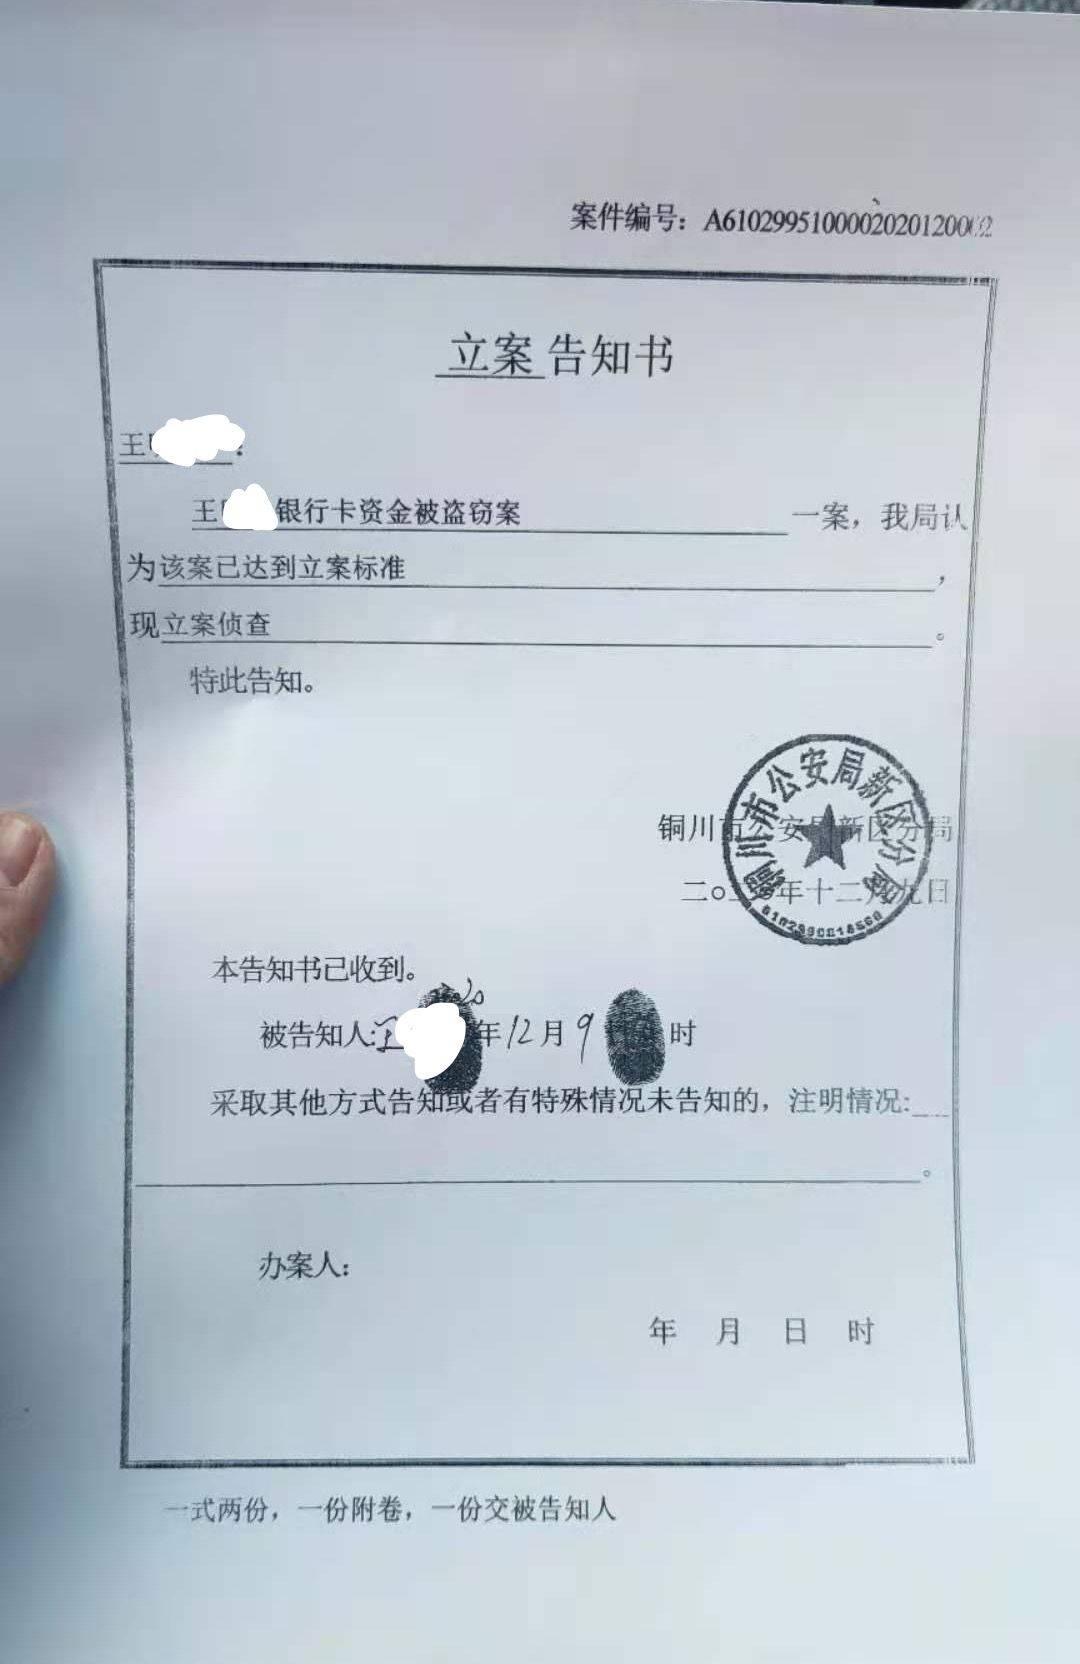 陕西一男子银行卡被盗刷10万警方立案,银行已垫付损失